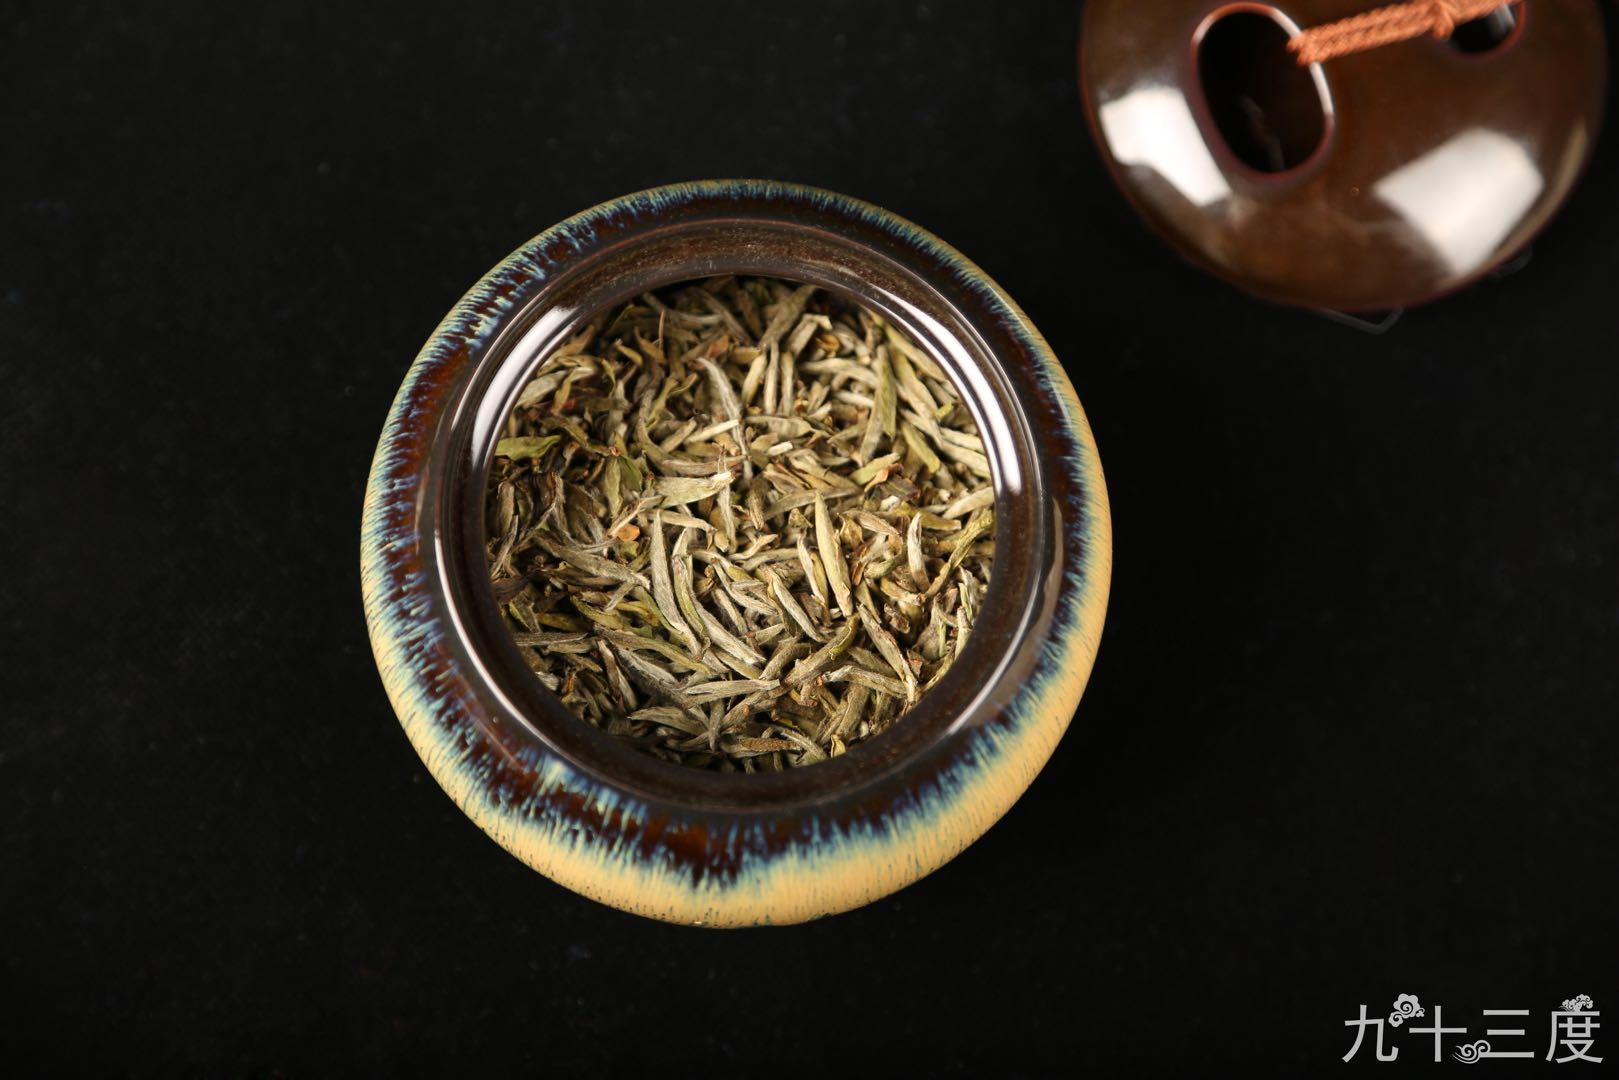 白茶和岩茶哪个好喝?个中滋味需自己品尝